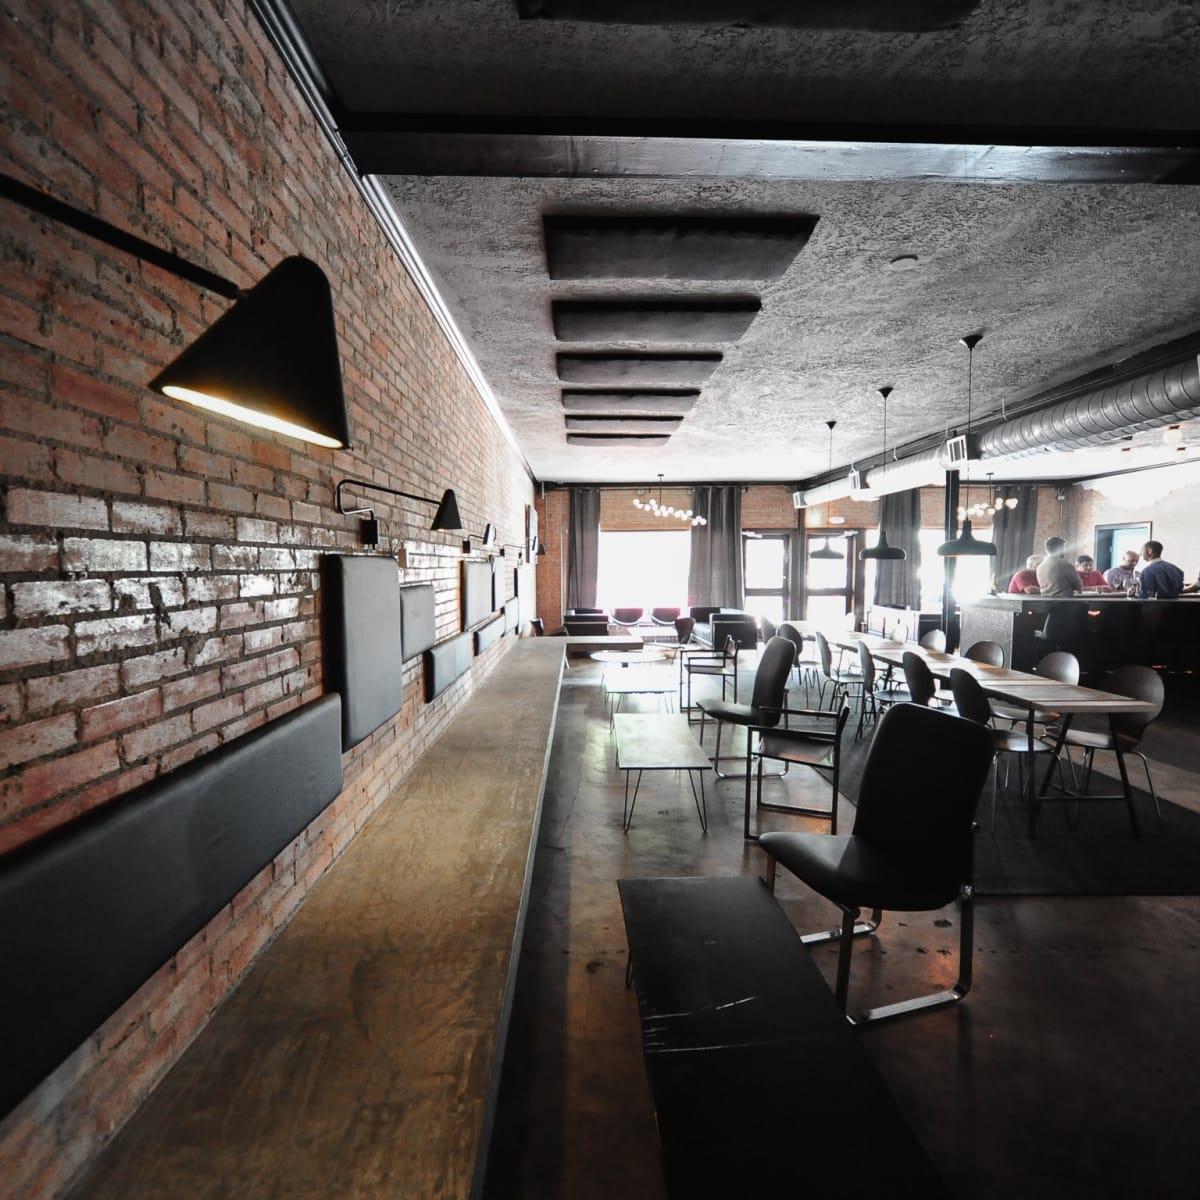 Camerata interior